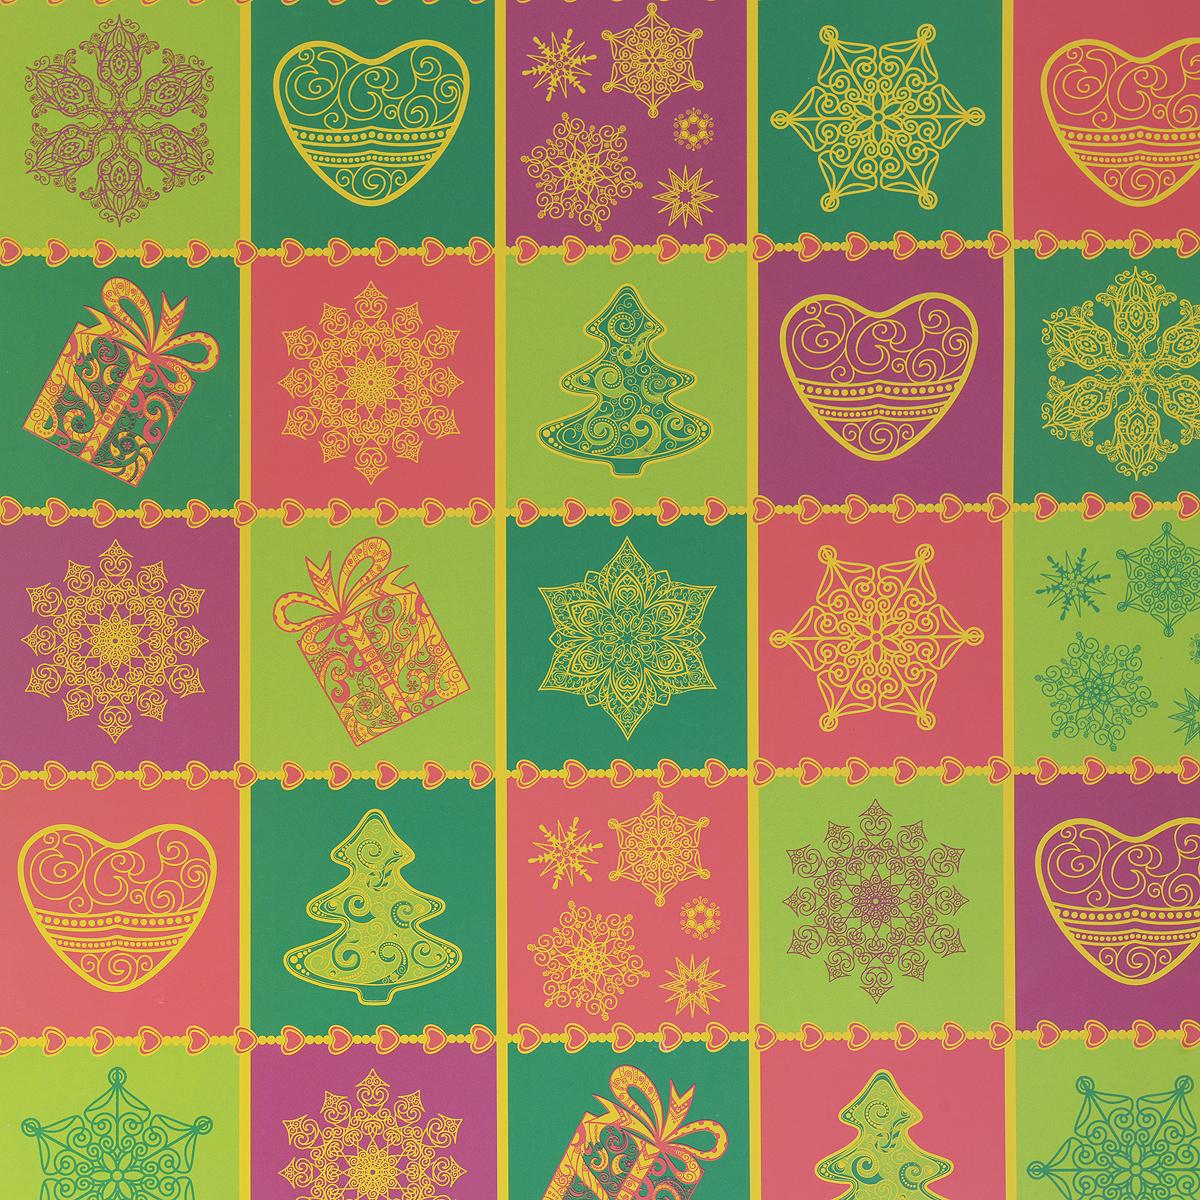 Бумага упаковочная Снежинки и сердца, 100 х 70 см34943Даже небольшой подарок, будучи красиво упакованным, может зажечь фантазию получателя и подарить немало ярких впечатлений еще до того, как он развернет ее. С помощью упаковочной бумаги Снежинки и сердца вы сможете создать восхитительную эксклюзивную упаковку для подарков родным и близким. Мелованная с одной стороны бумага оформлена цветным изображением снежинок, сердец и елок. Длина бумаги: 100 см. Ширина бумаги: 70 см. Плотность: 80 г/м2.